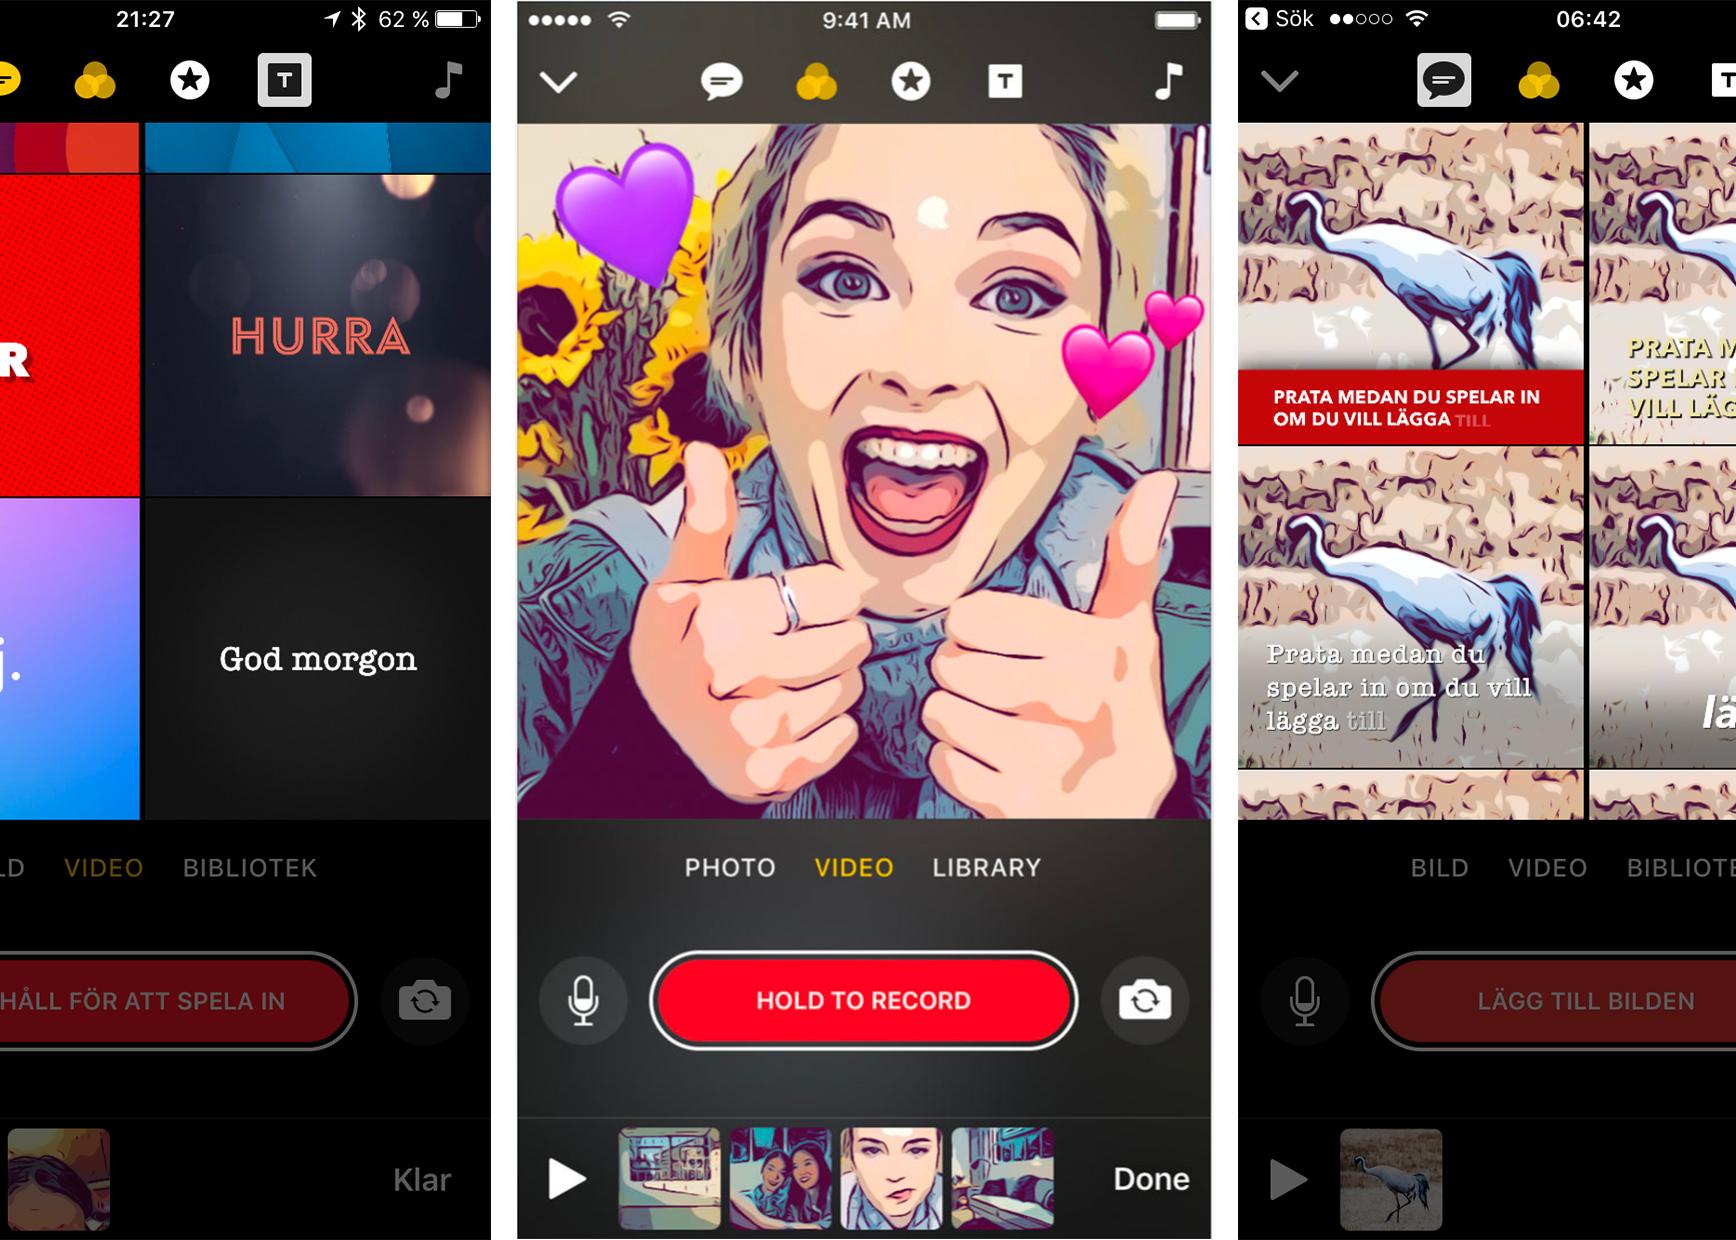 Ny app textar videon direkt